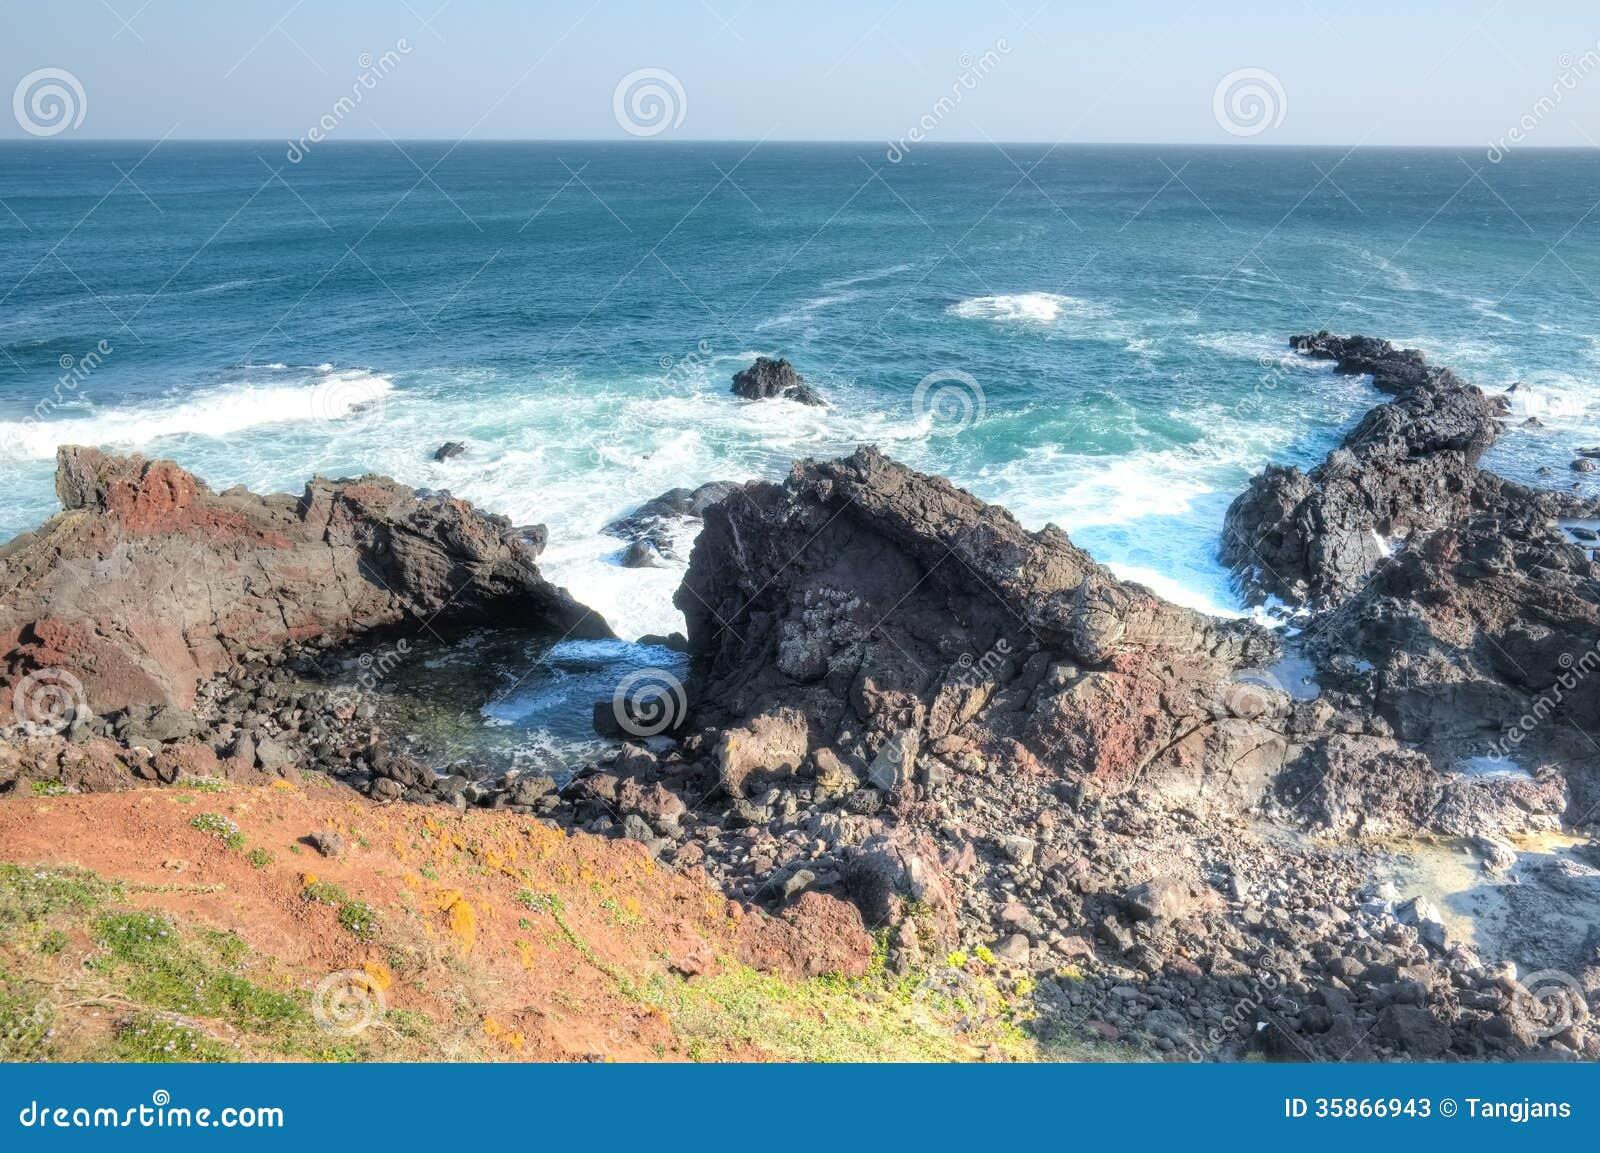 Ocean view at Seopjikoji, Jeju Island